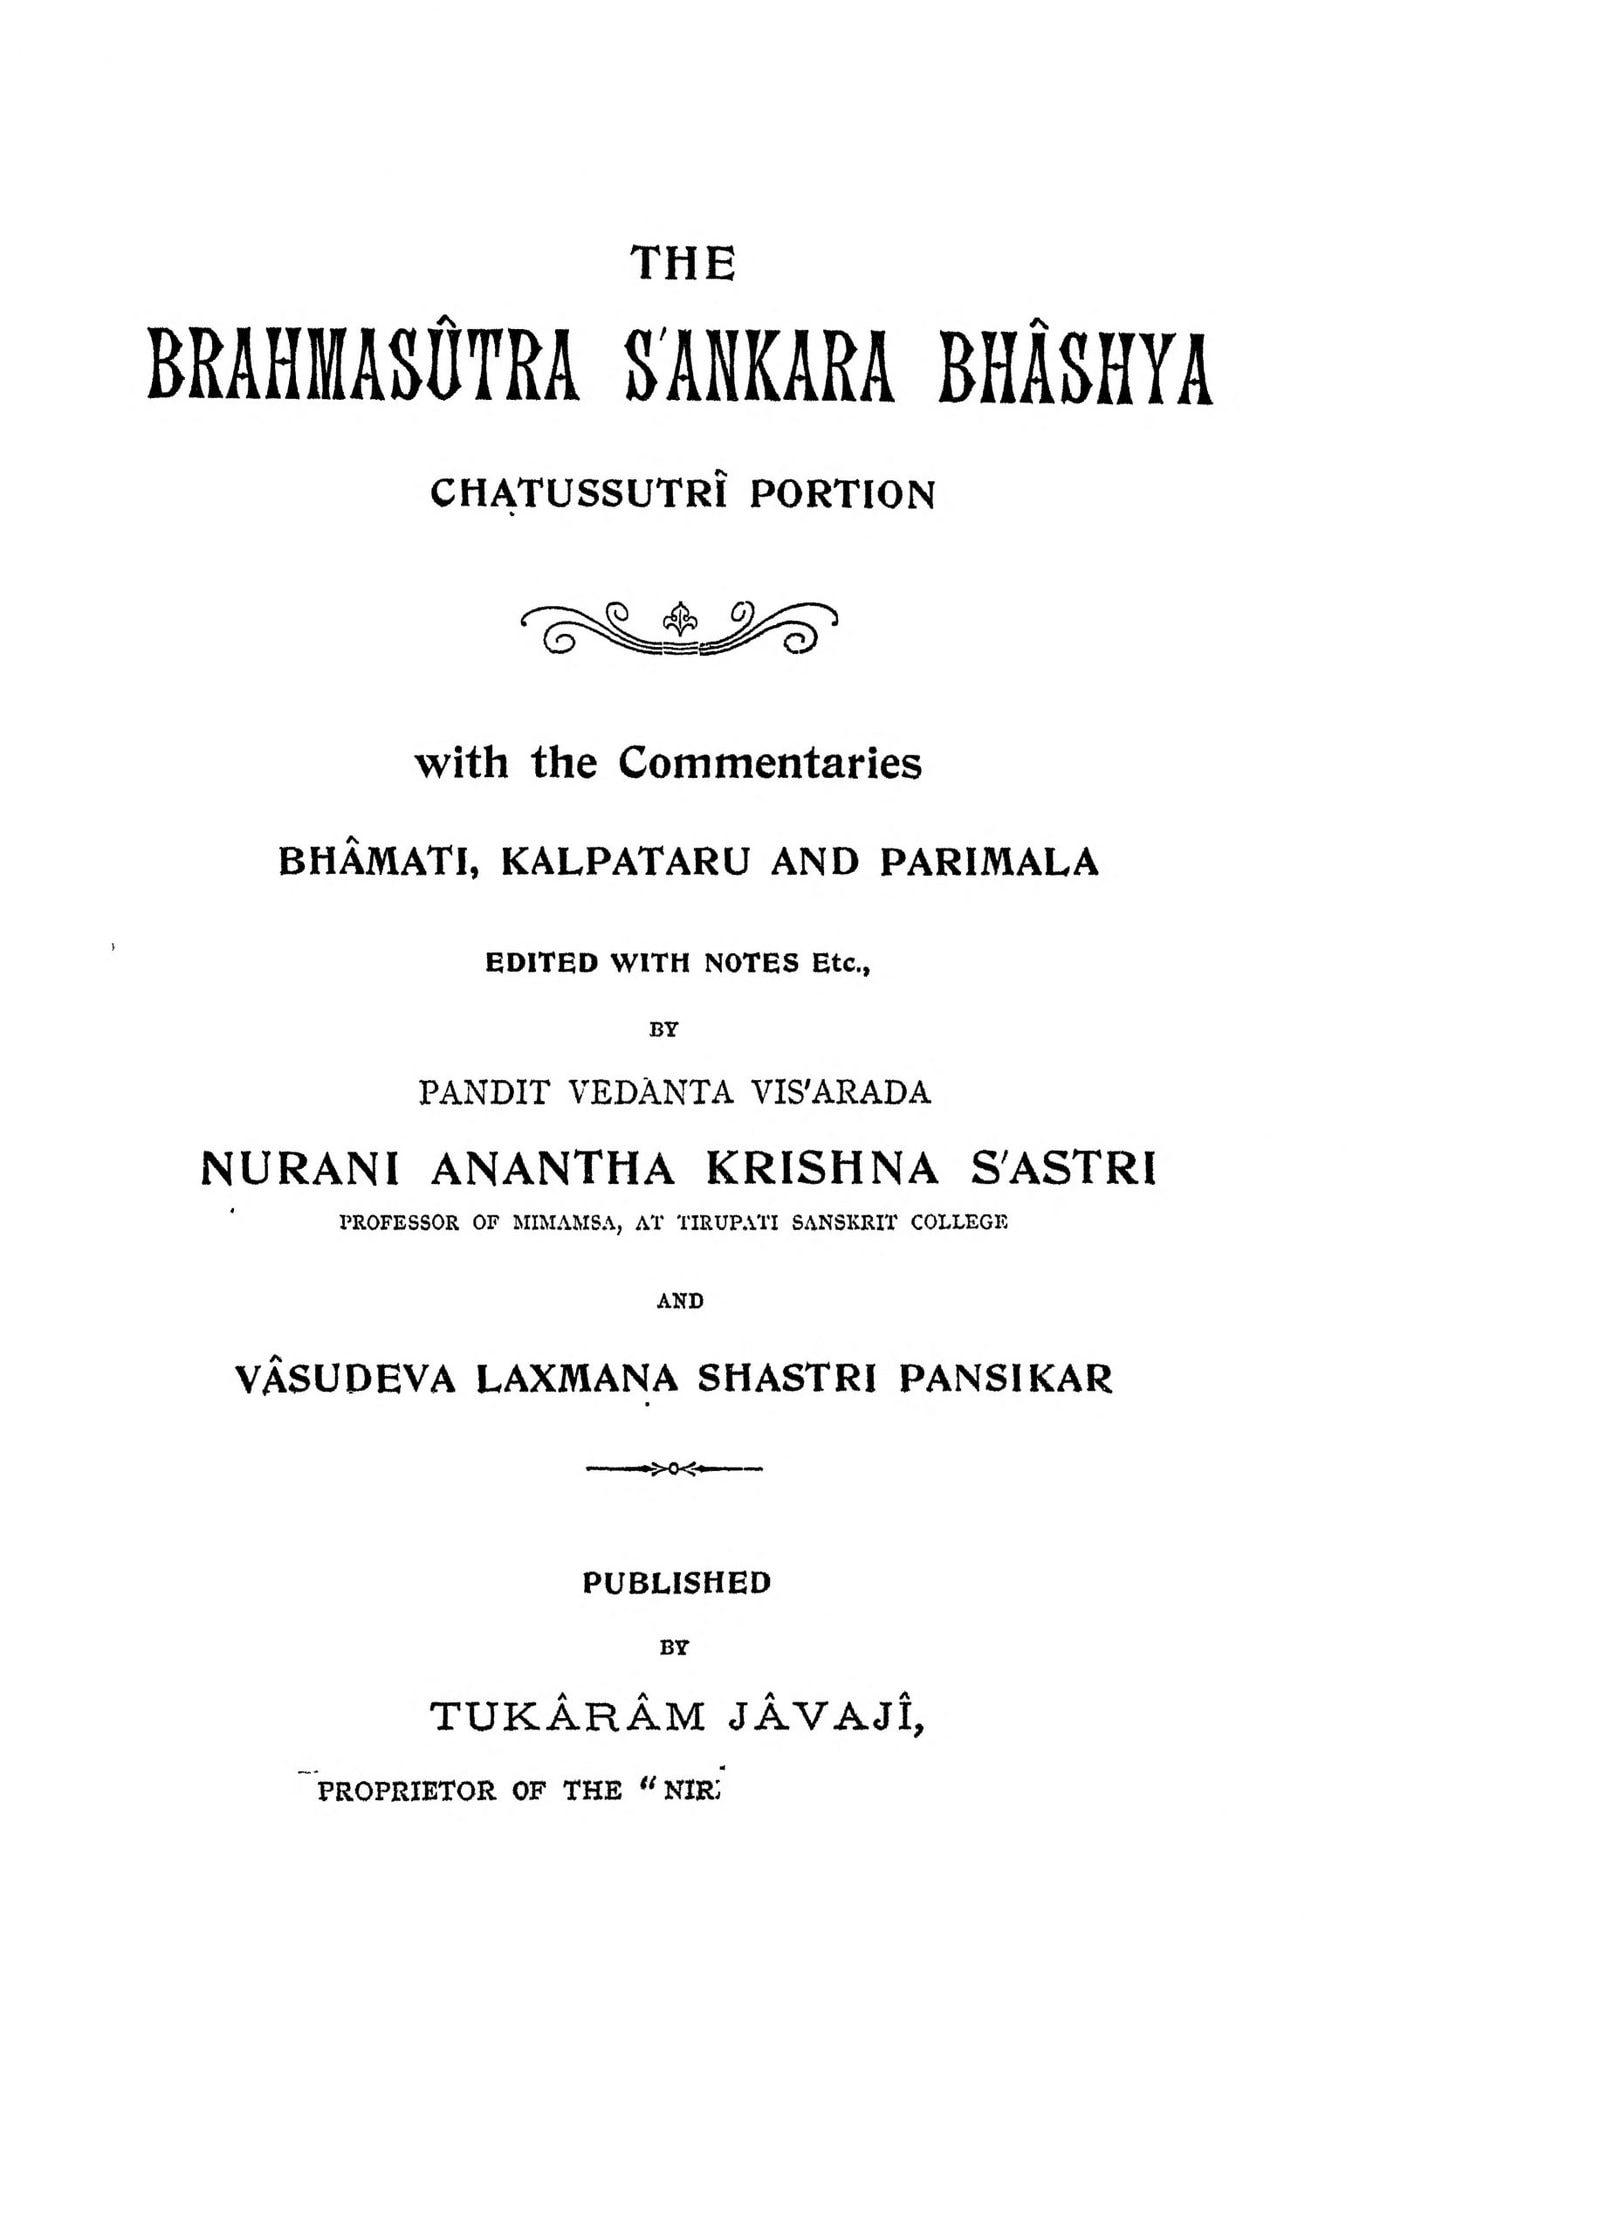 The Brahmasutra Sankara Bhashya Chatussutri Portion by वेदांता विसरादा - Vedanta Visrada